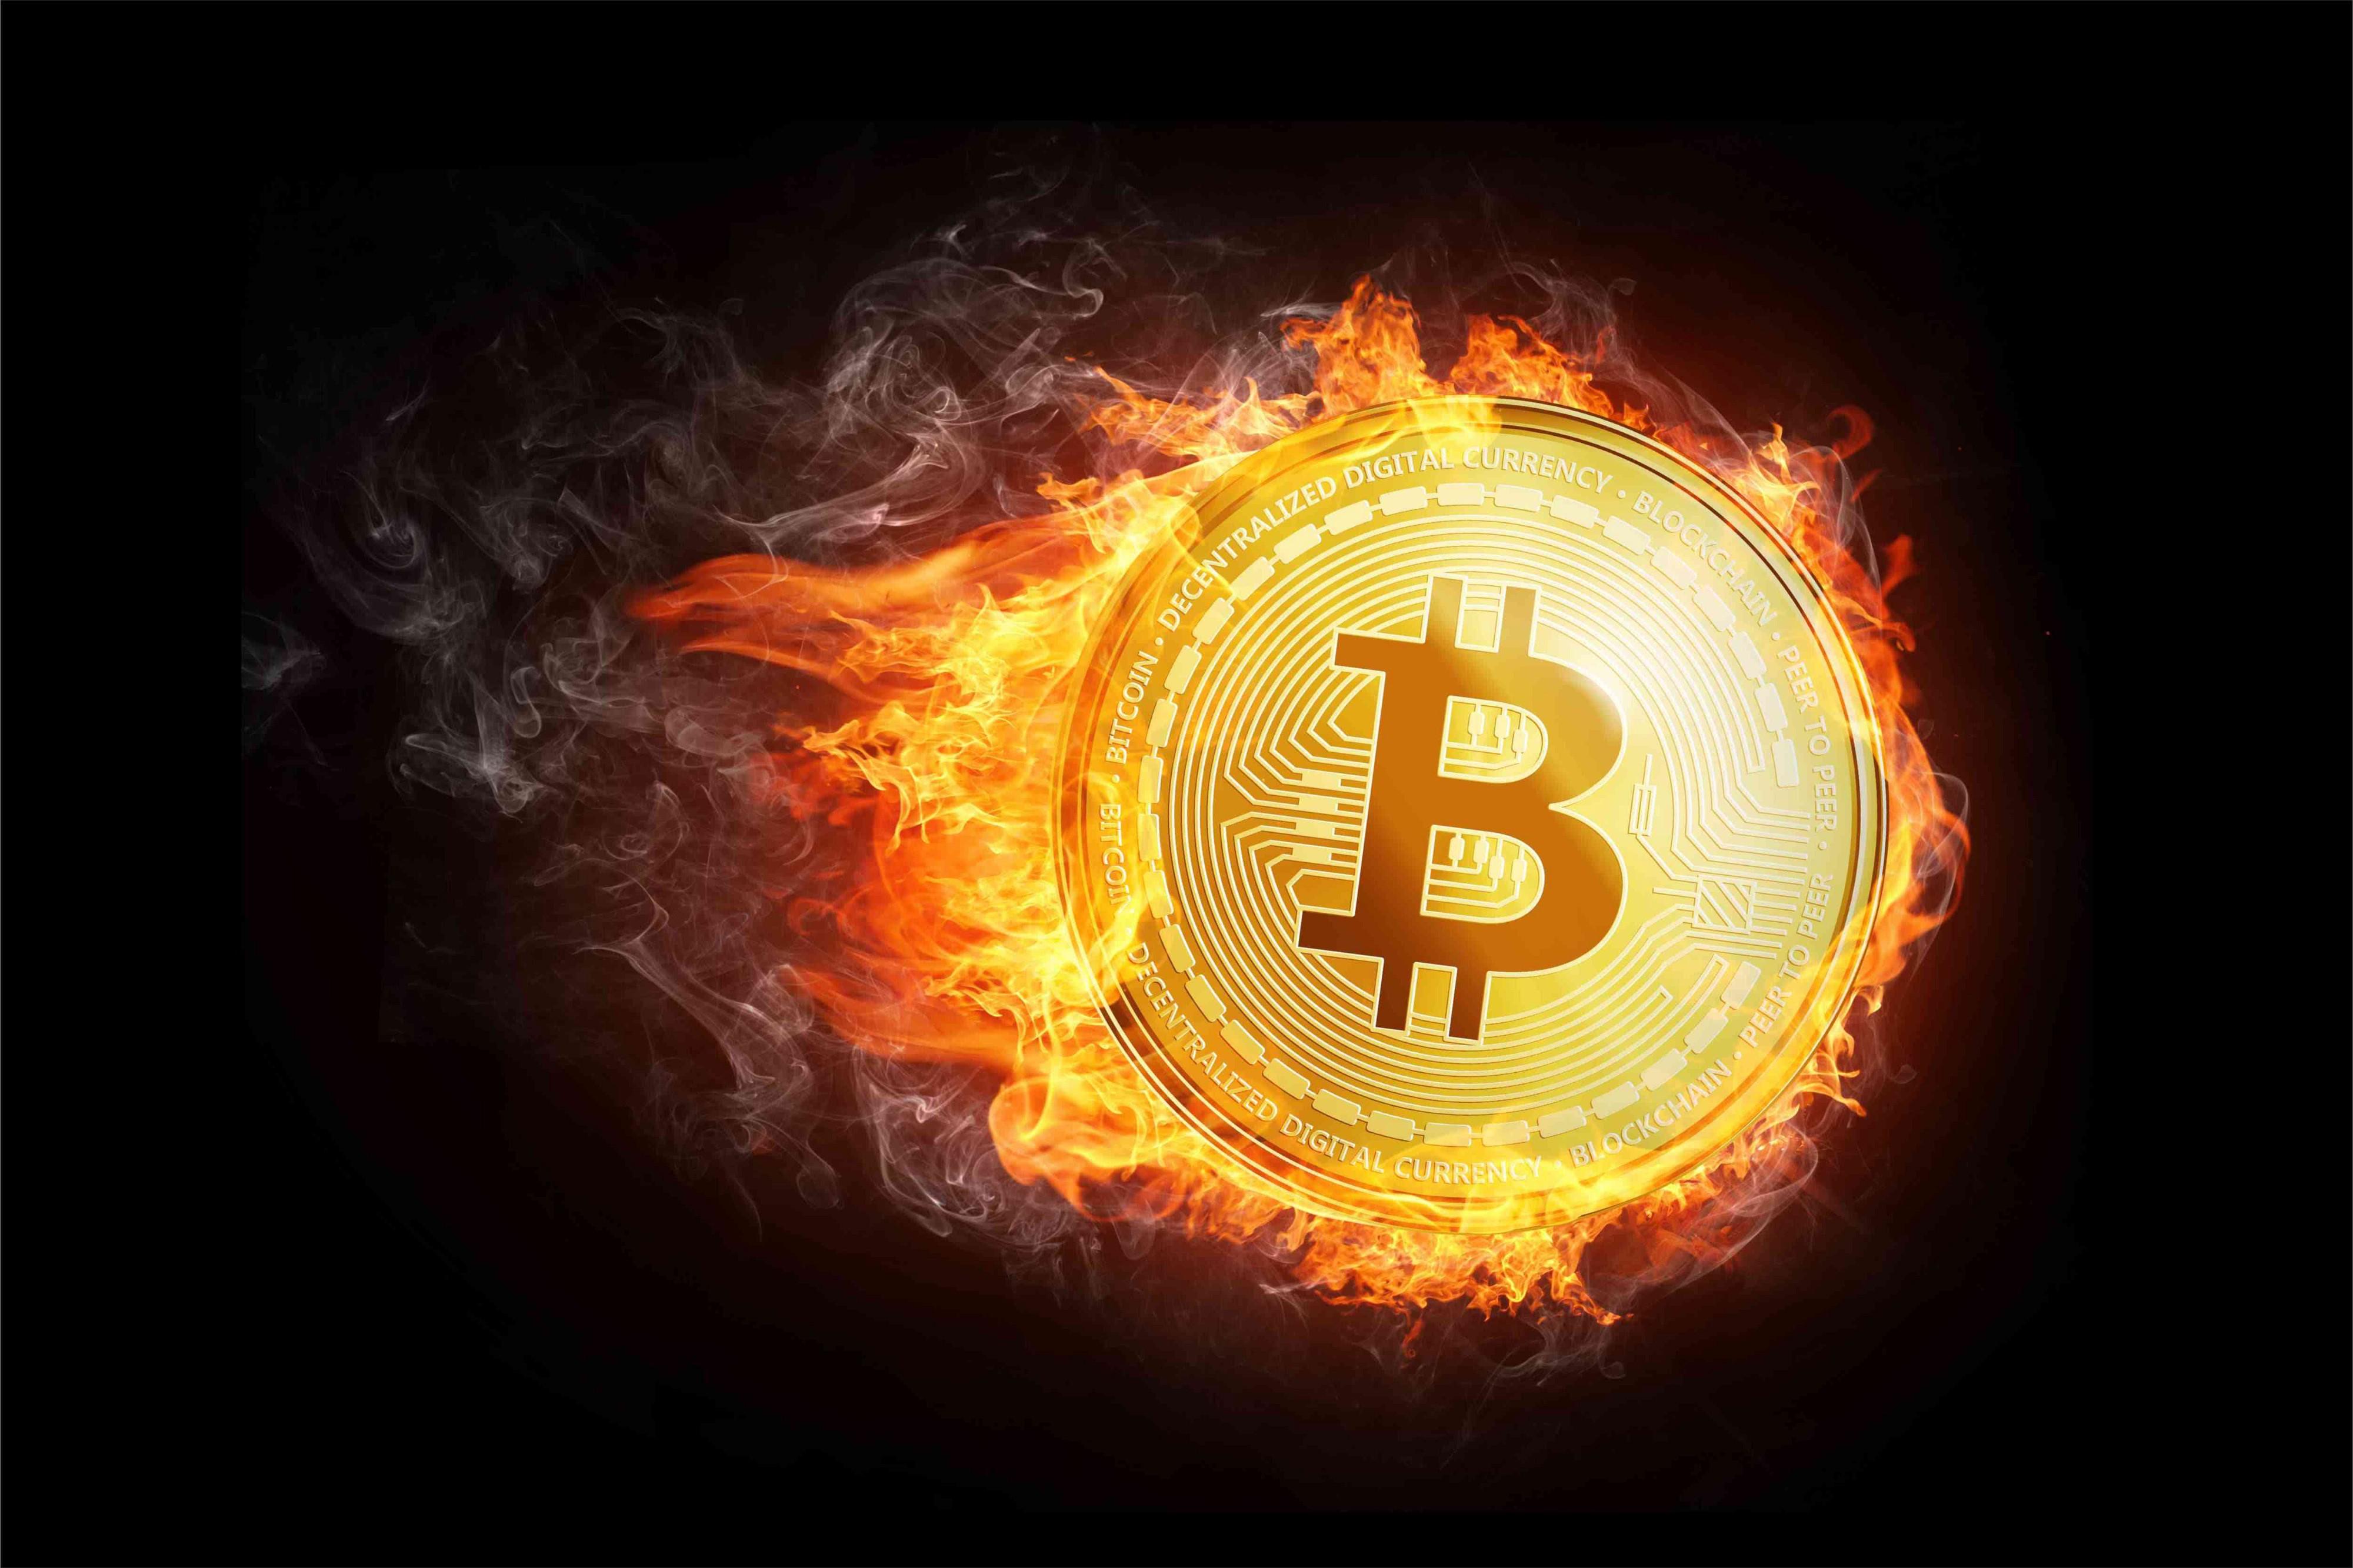 /bitcoins-final-boss-22e2a52f9c7d feature image